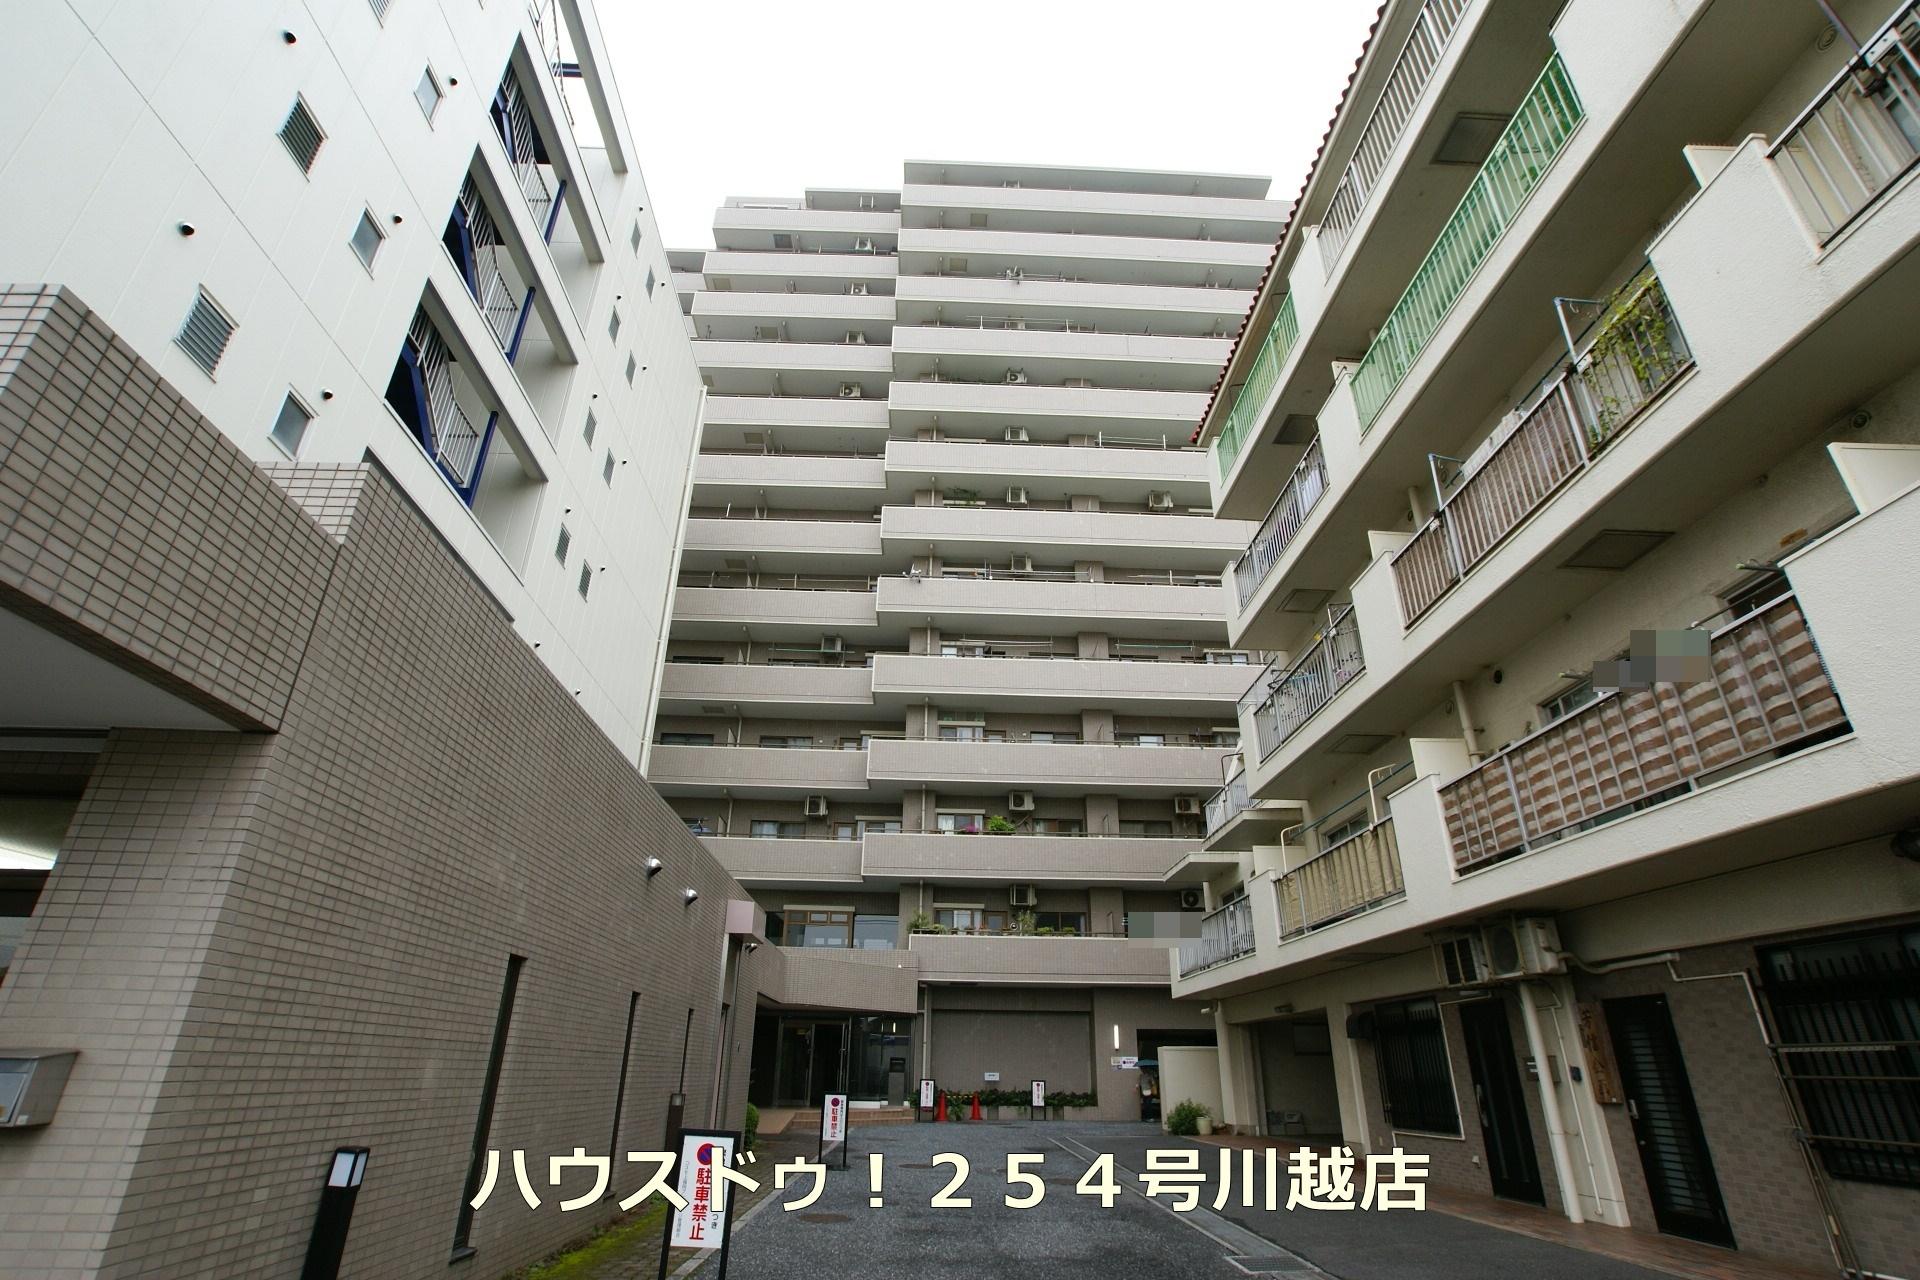 コスモ上福岡プレステ-ジ